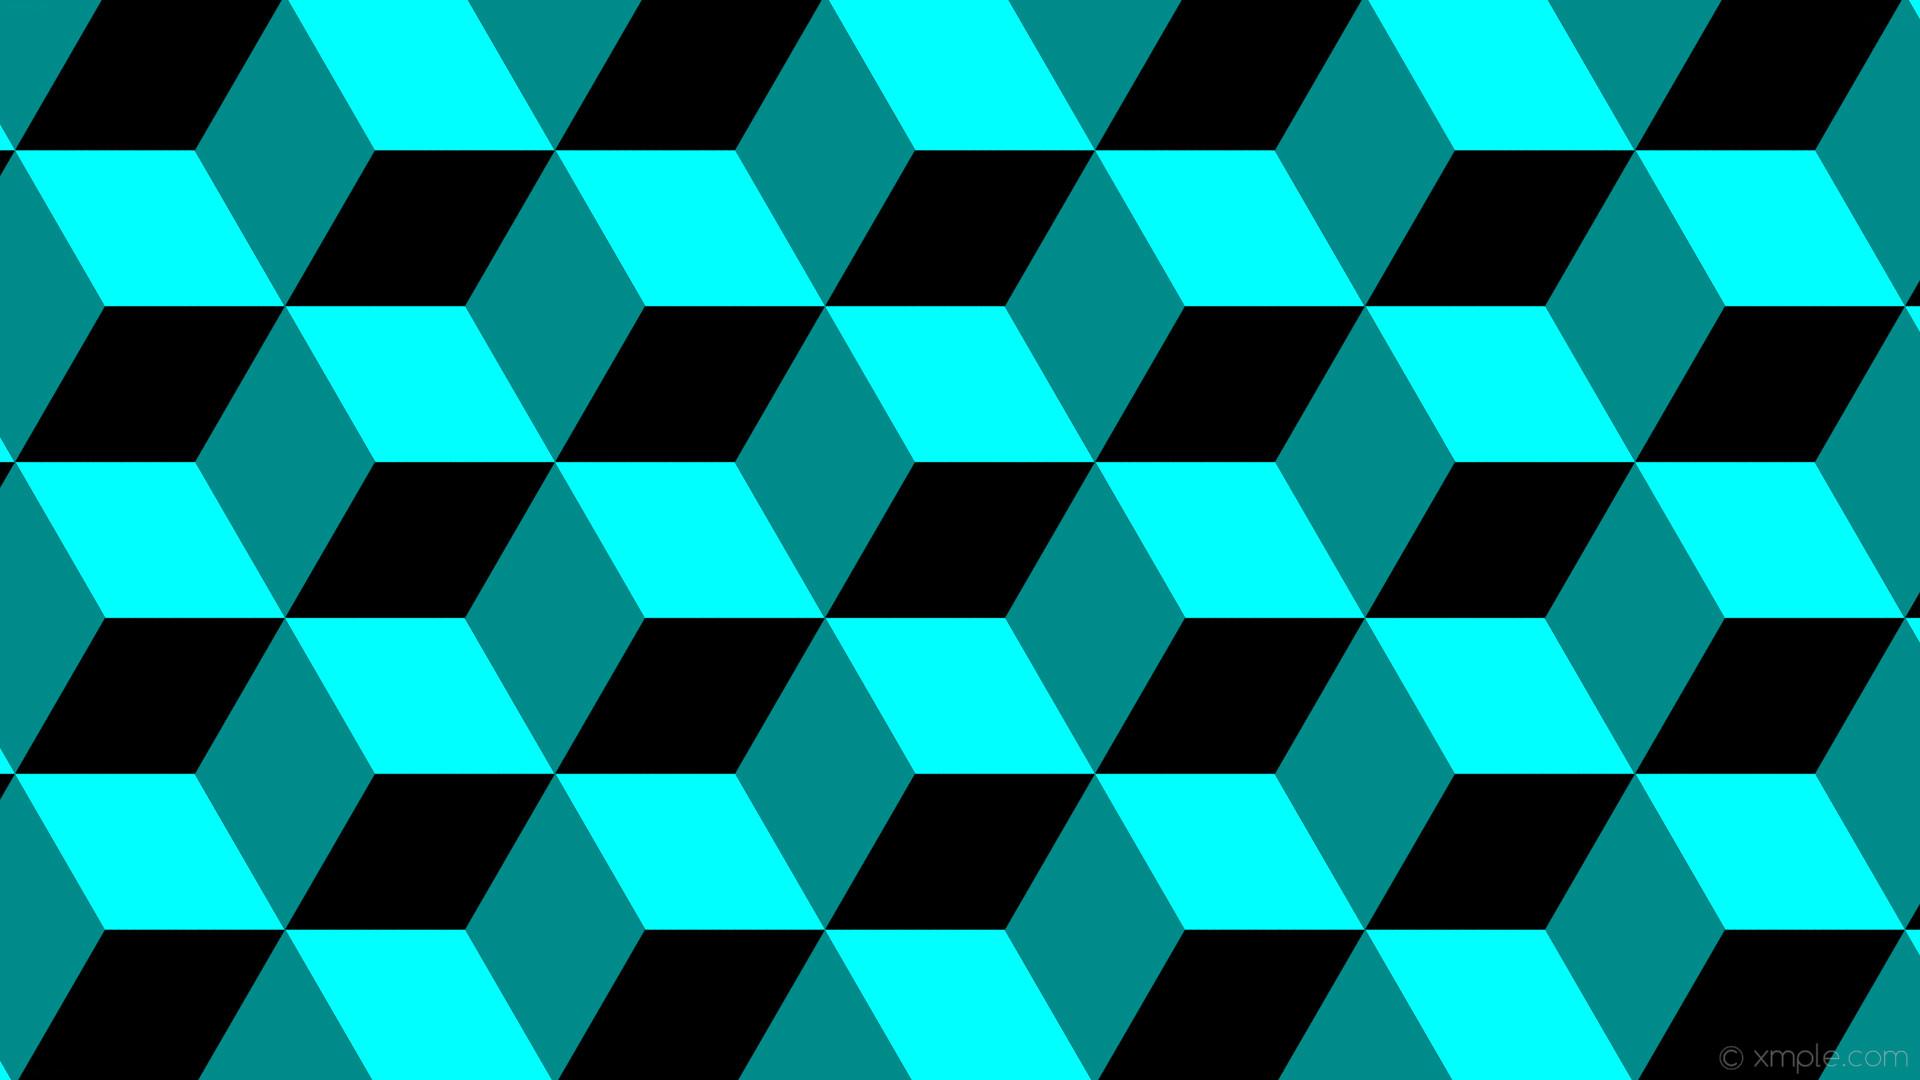 wallpaper green blue 3d cubes black aqua cyan dark cyan #000000 #00ffff  #008b8b